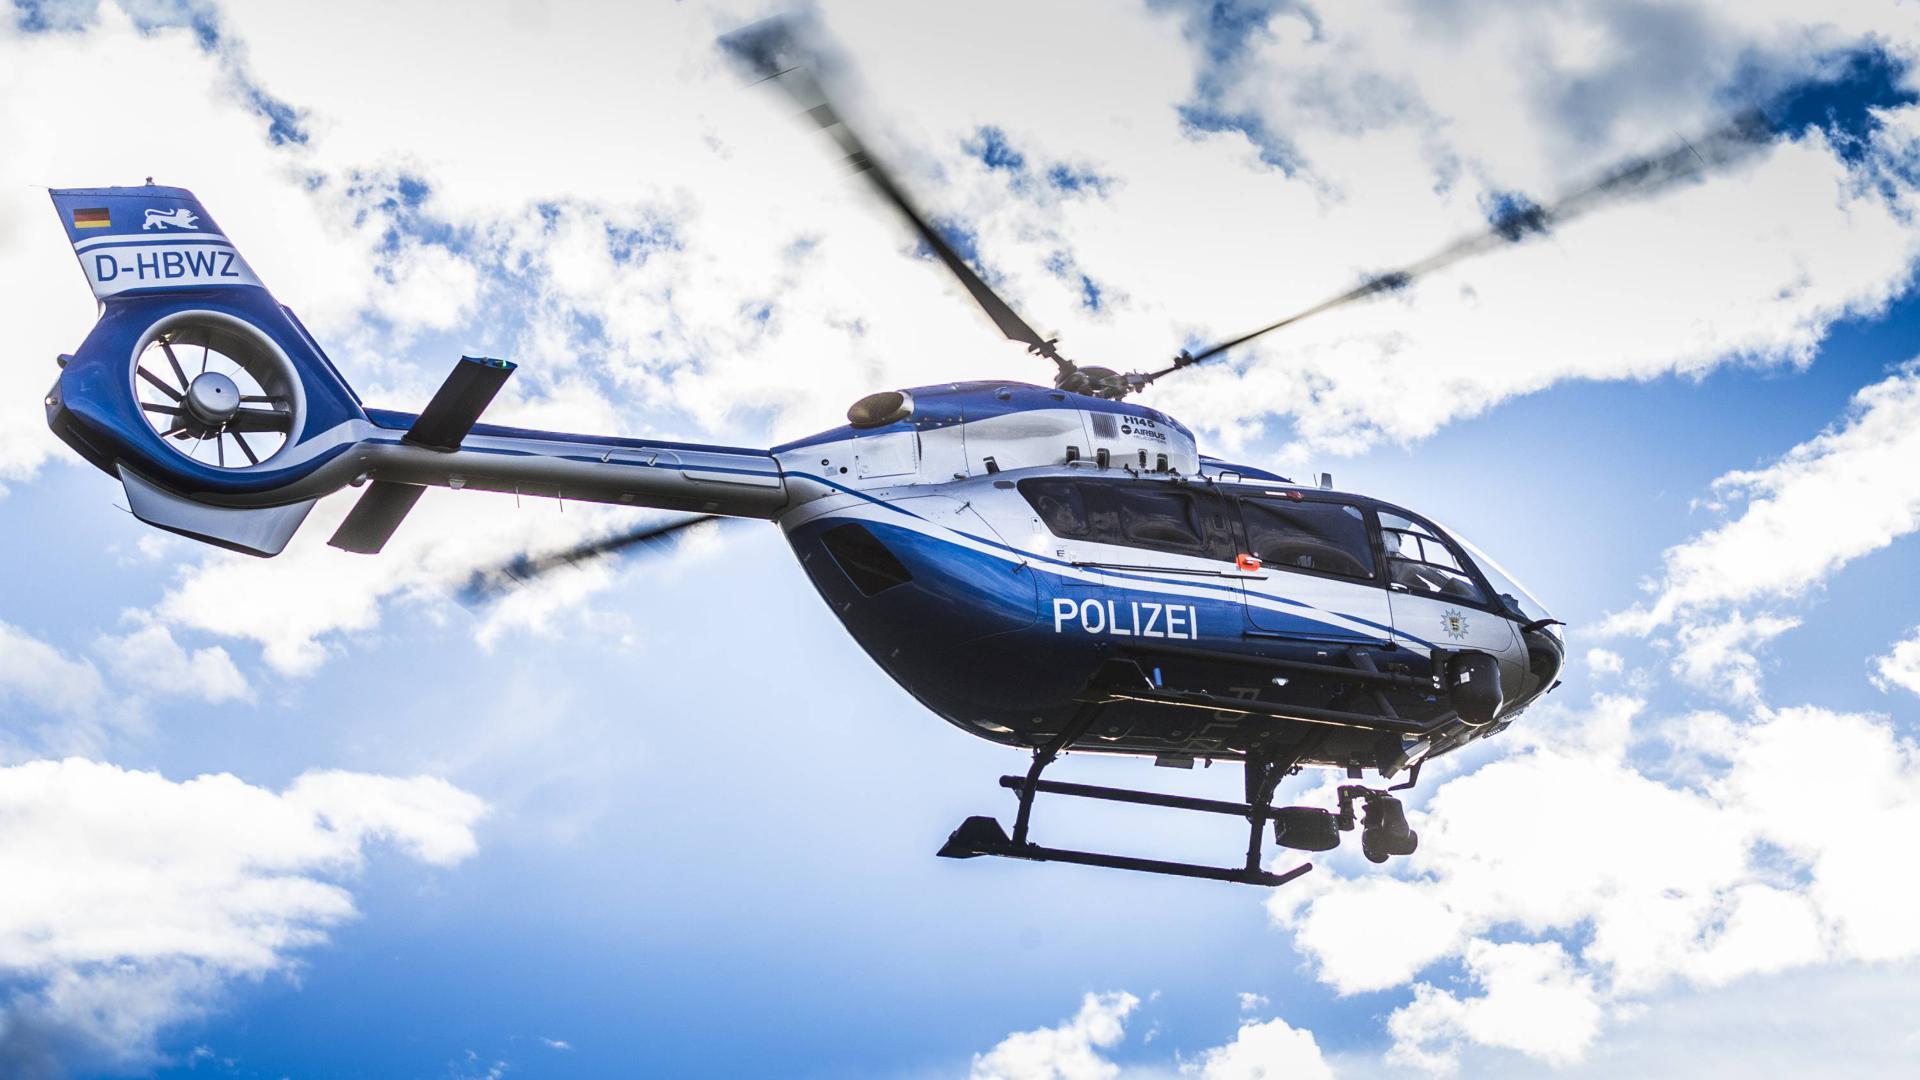 Ein Polizeihubschrauber in der Luft